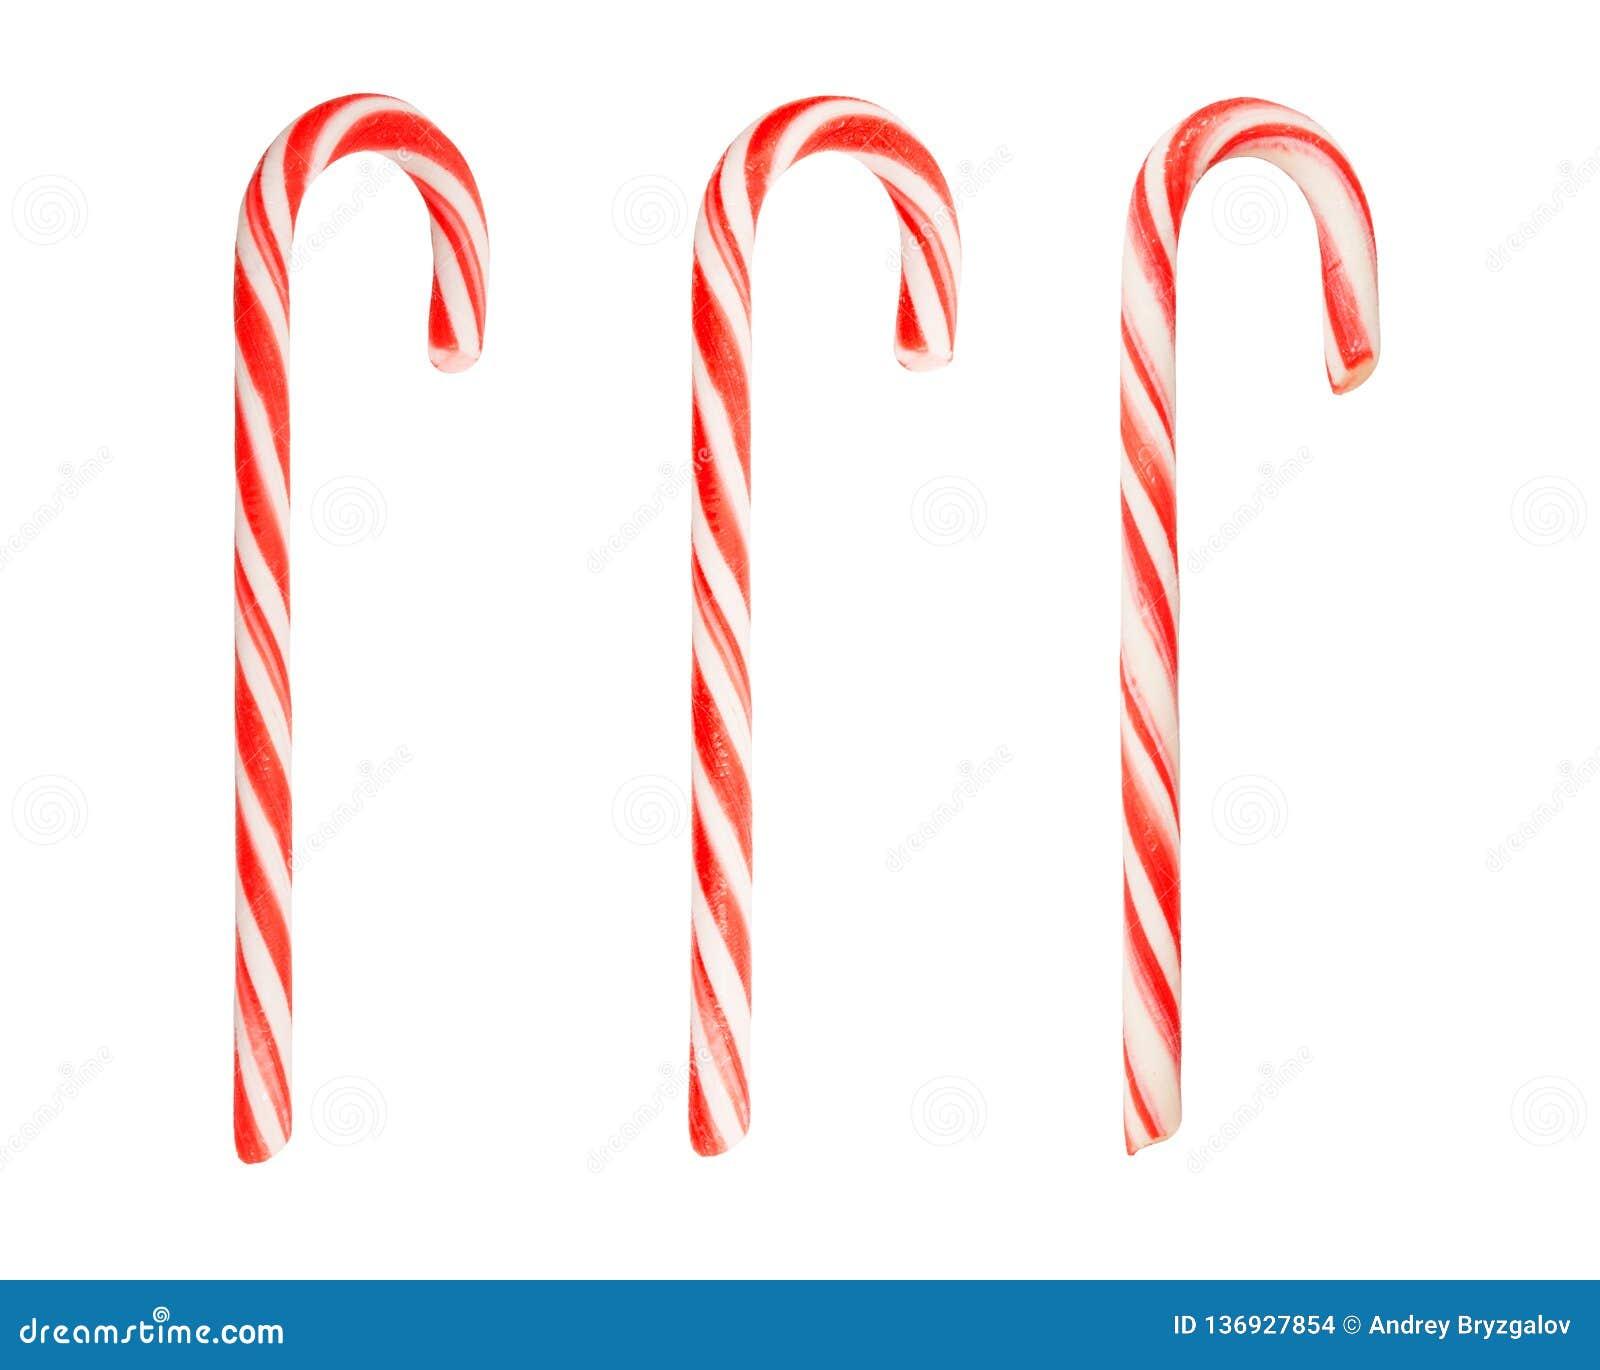 Σύνολο παραδοσιακού καλάμου καραμελών διακοπών τρία ριγωτού στα χρώματα Χριστουγέννων που απομονώνονται στο άσπρο υπόβαθρο